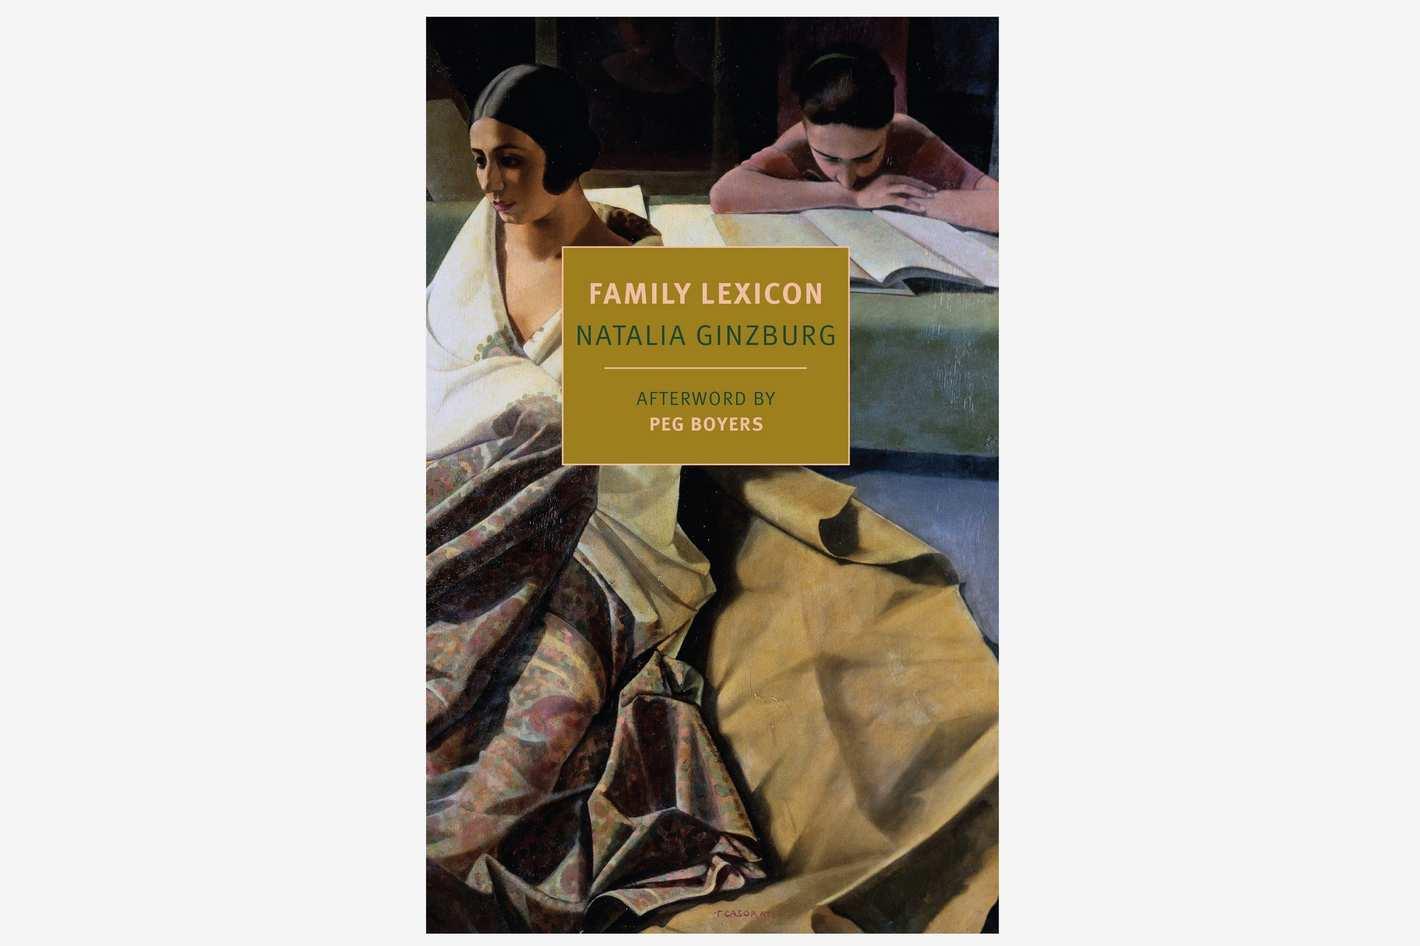 'Family Lexicon' by Natalia Ginzburg